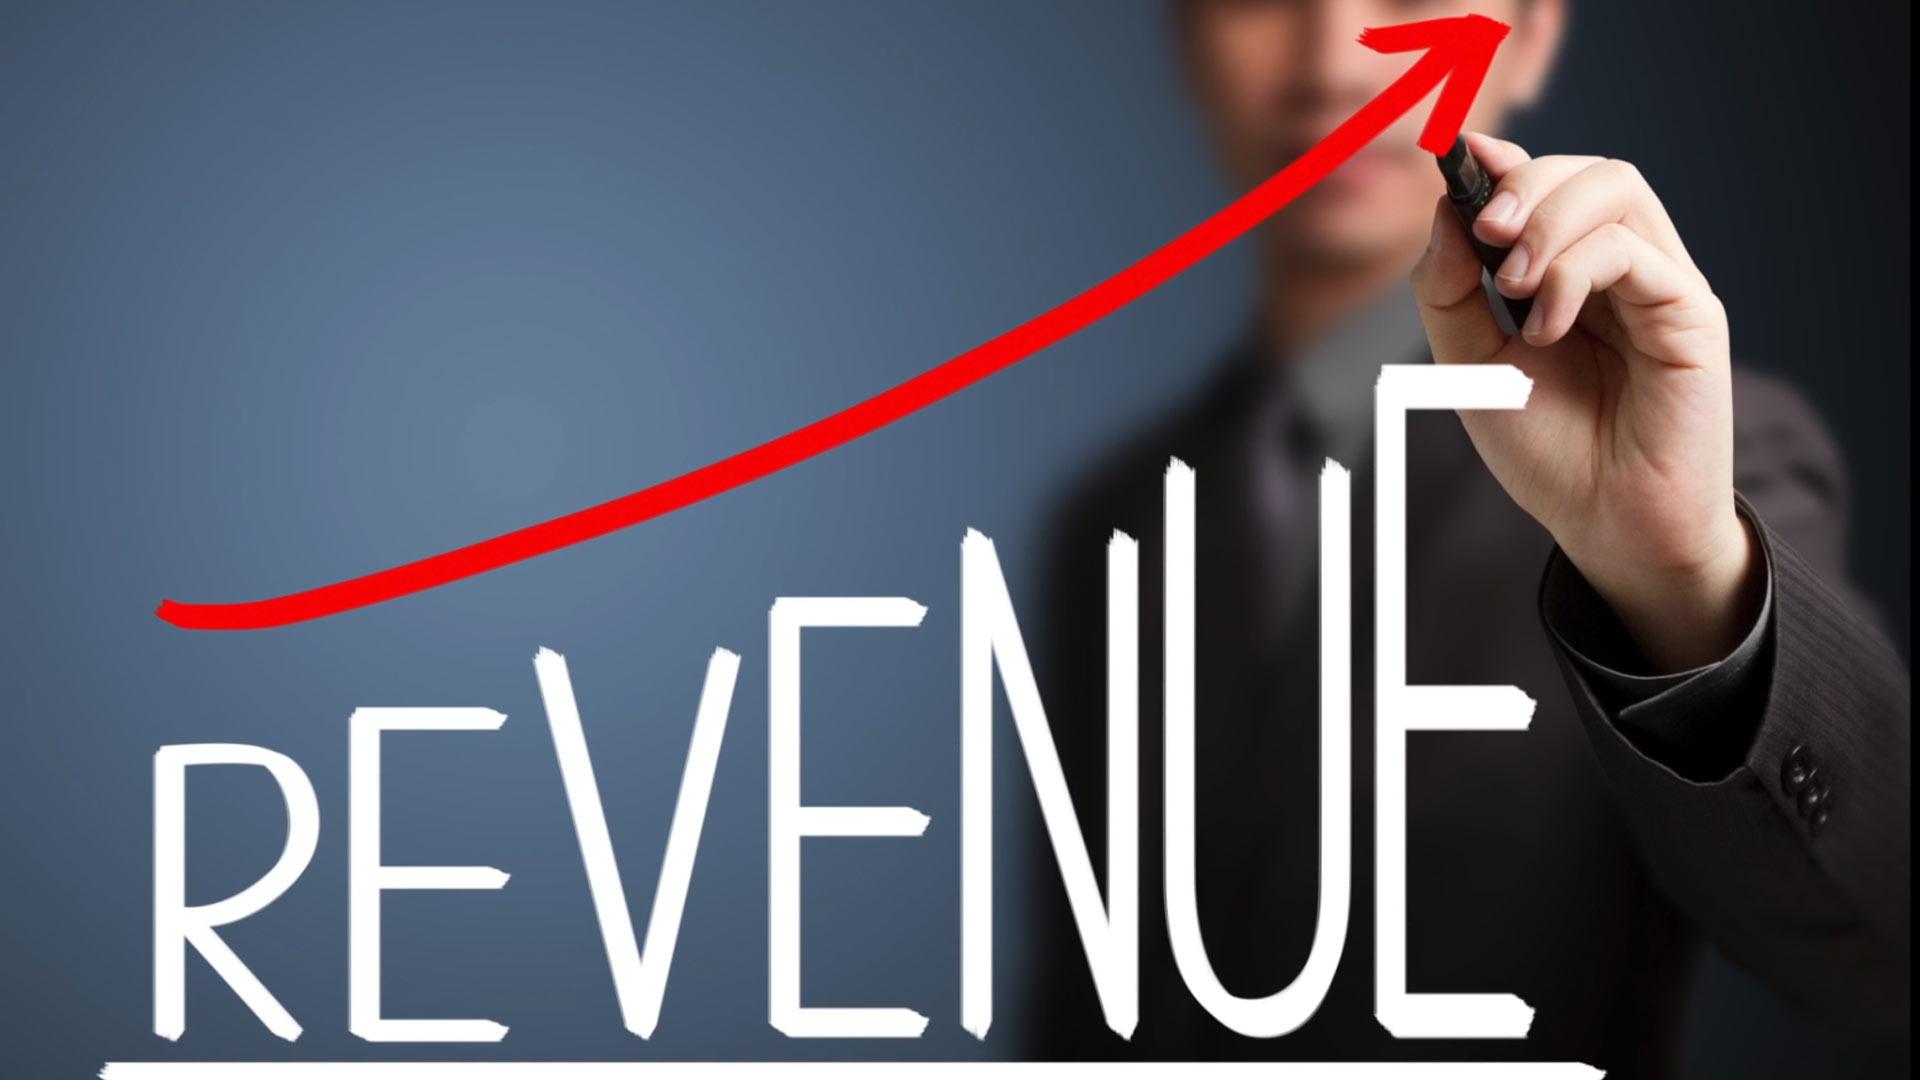 Revenue fx7mpl